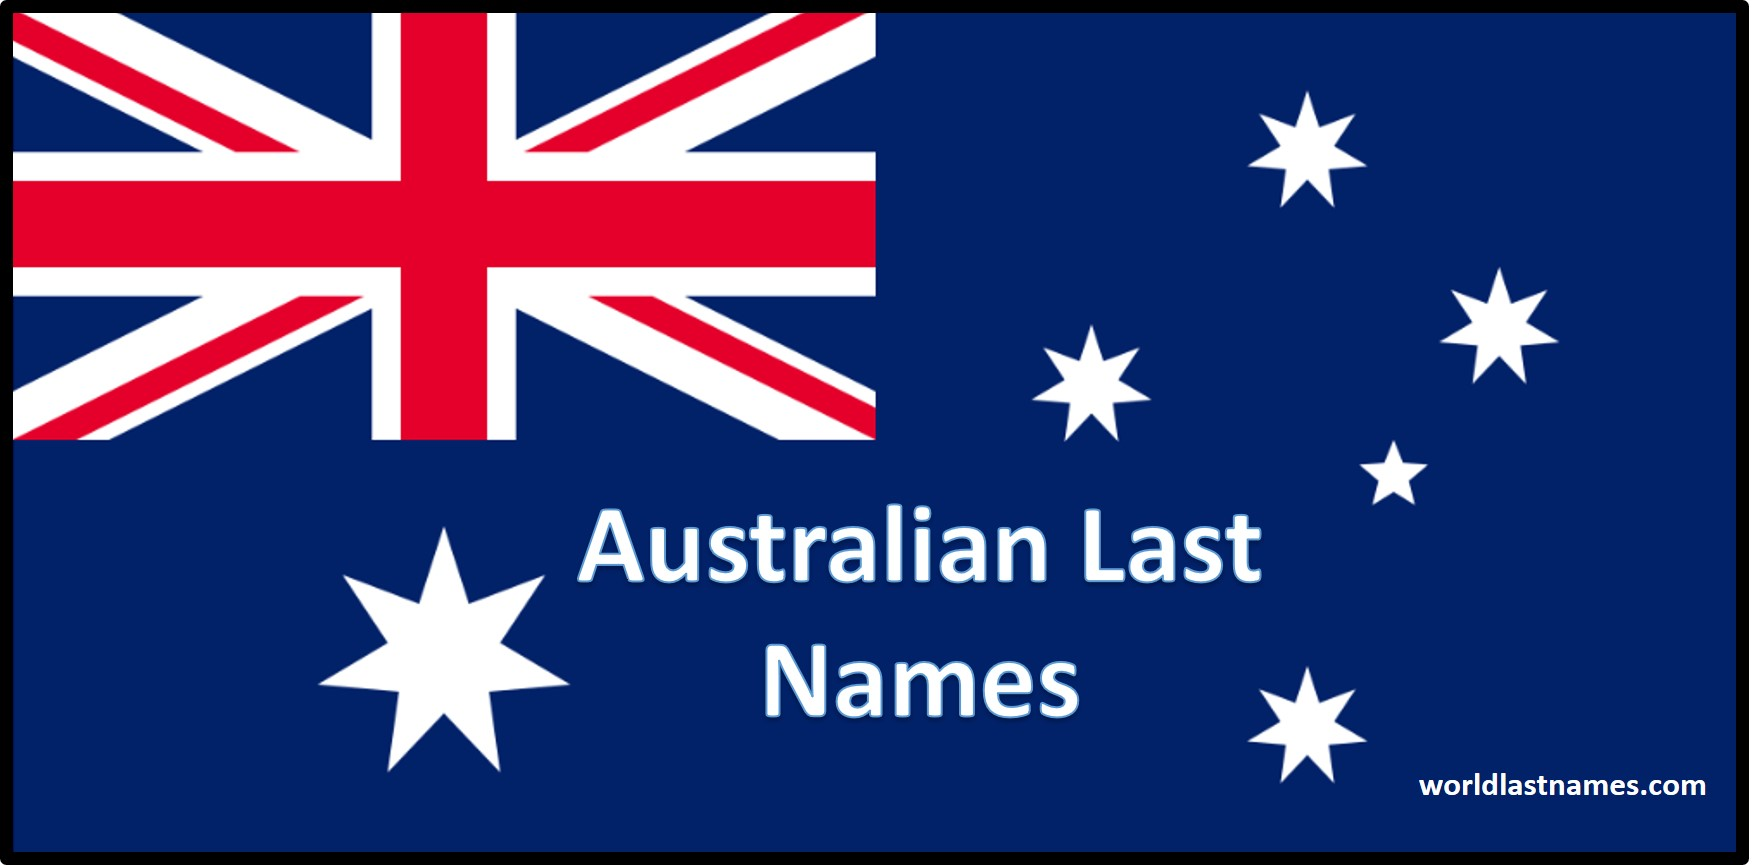 Australian Last Names Australian Flag